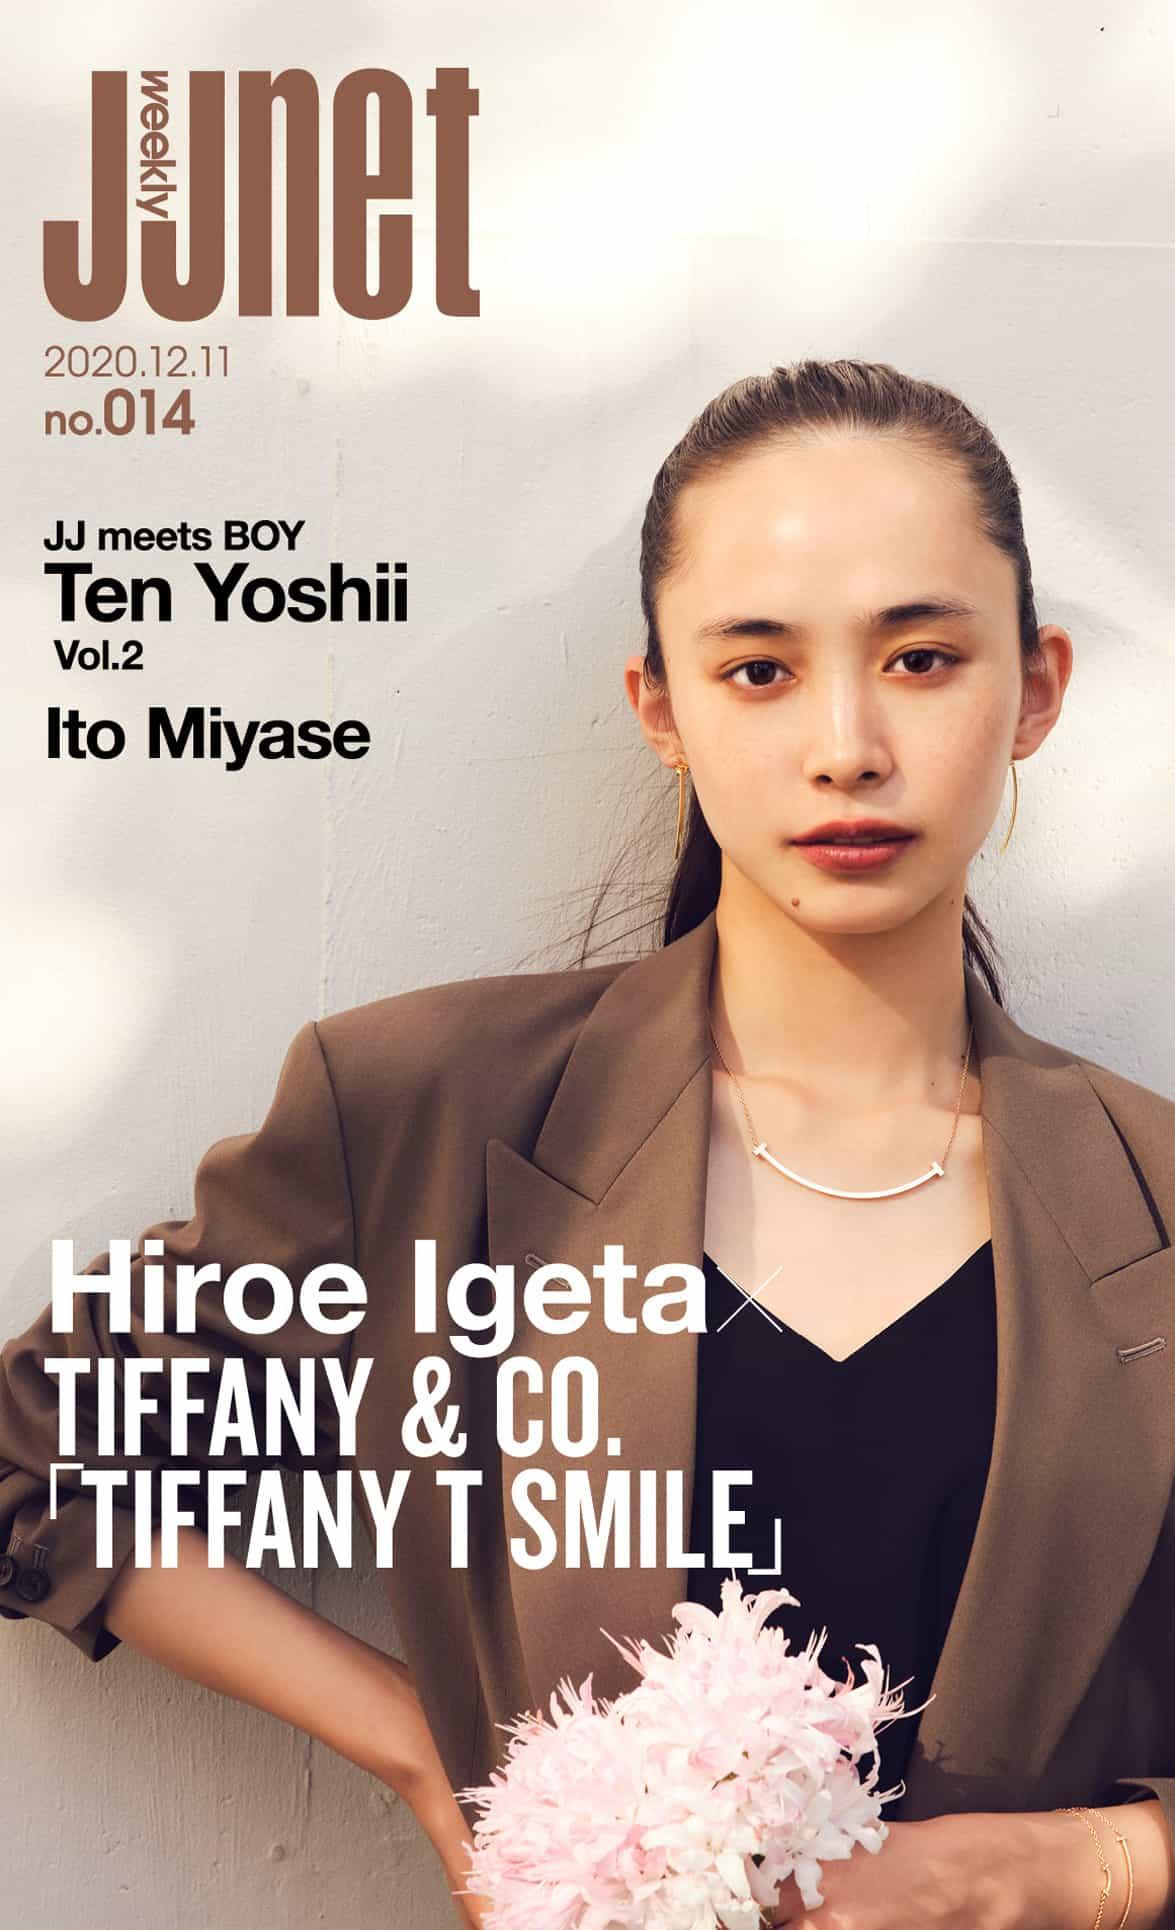 weekly JJnet No.014